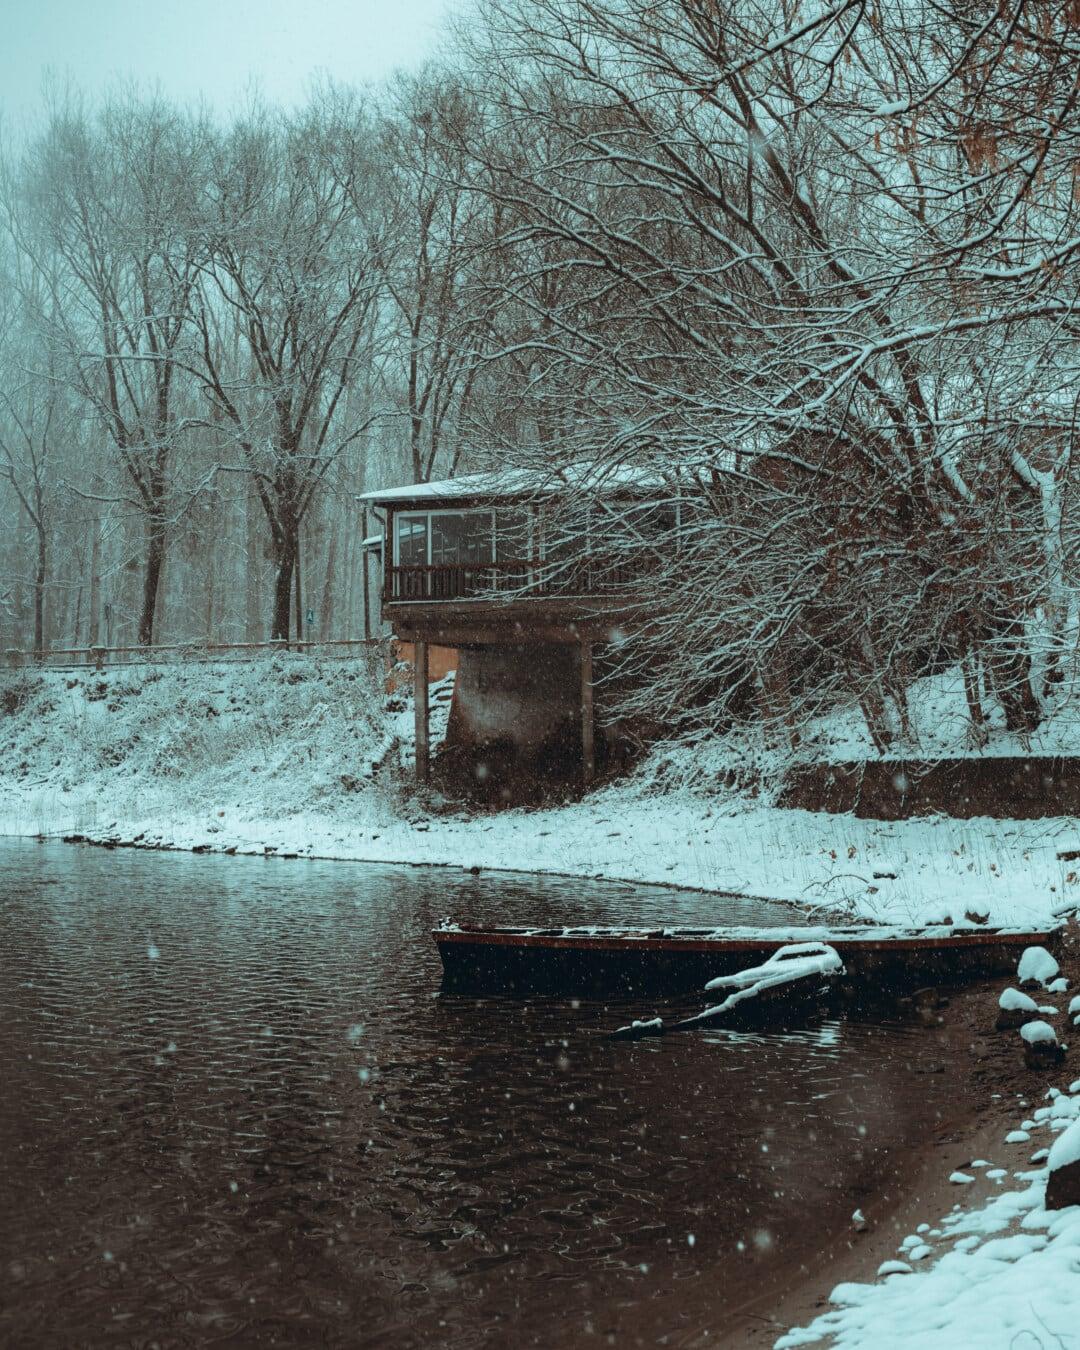 Ferienhaus, Winter, Schneesturm, am See, Küste, Landschaft, Bäume, Eis, Schnee, Wetter